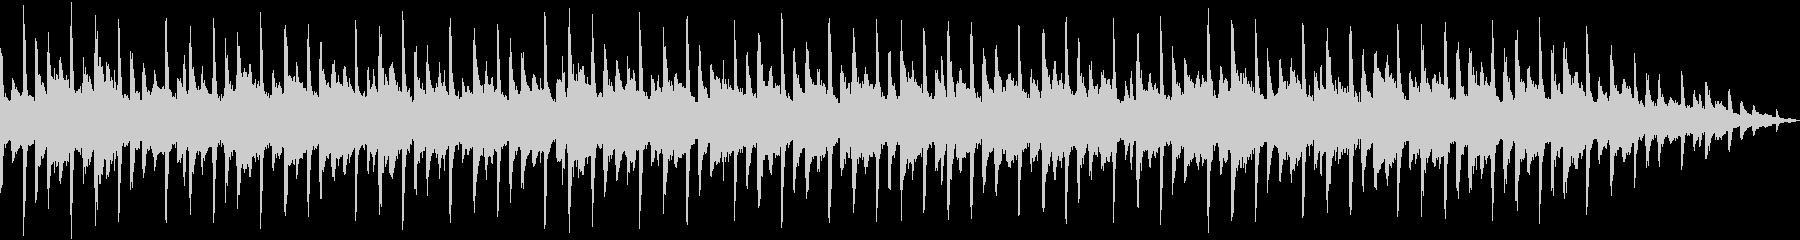 【主張しない背景音楽】ヒーリング3の未再生の波形